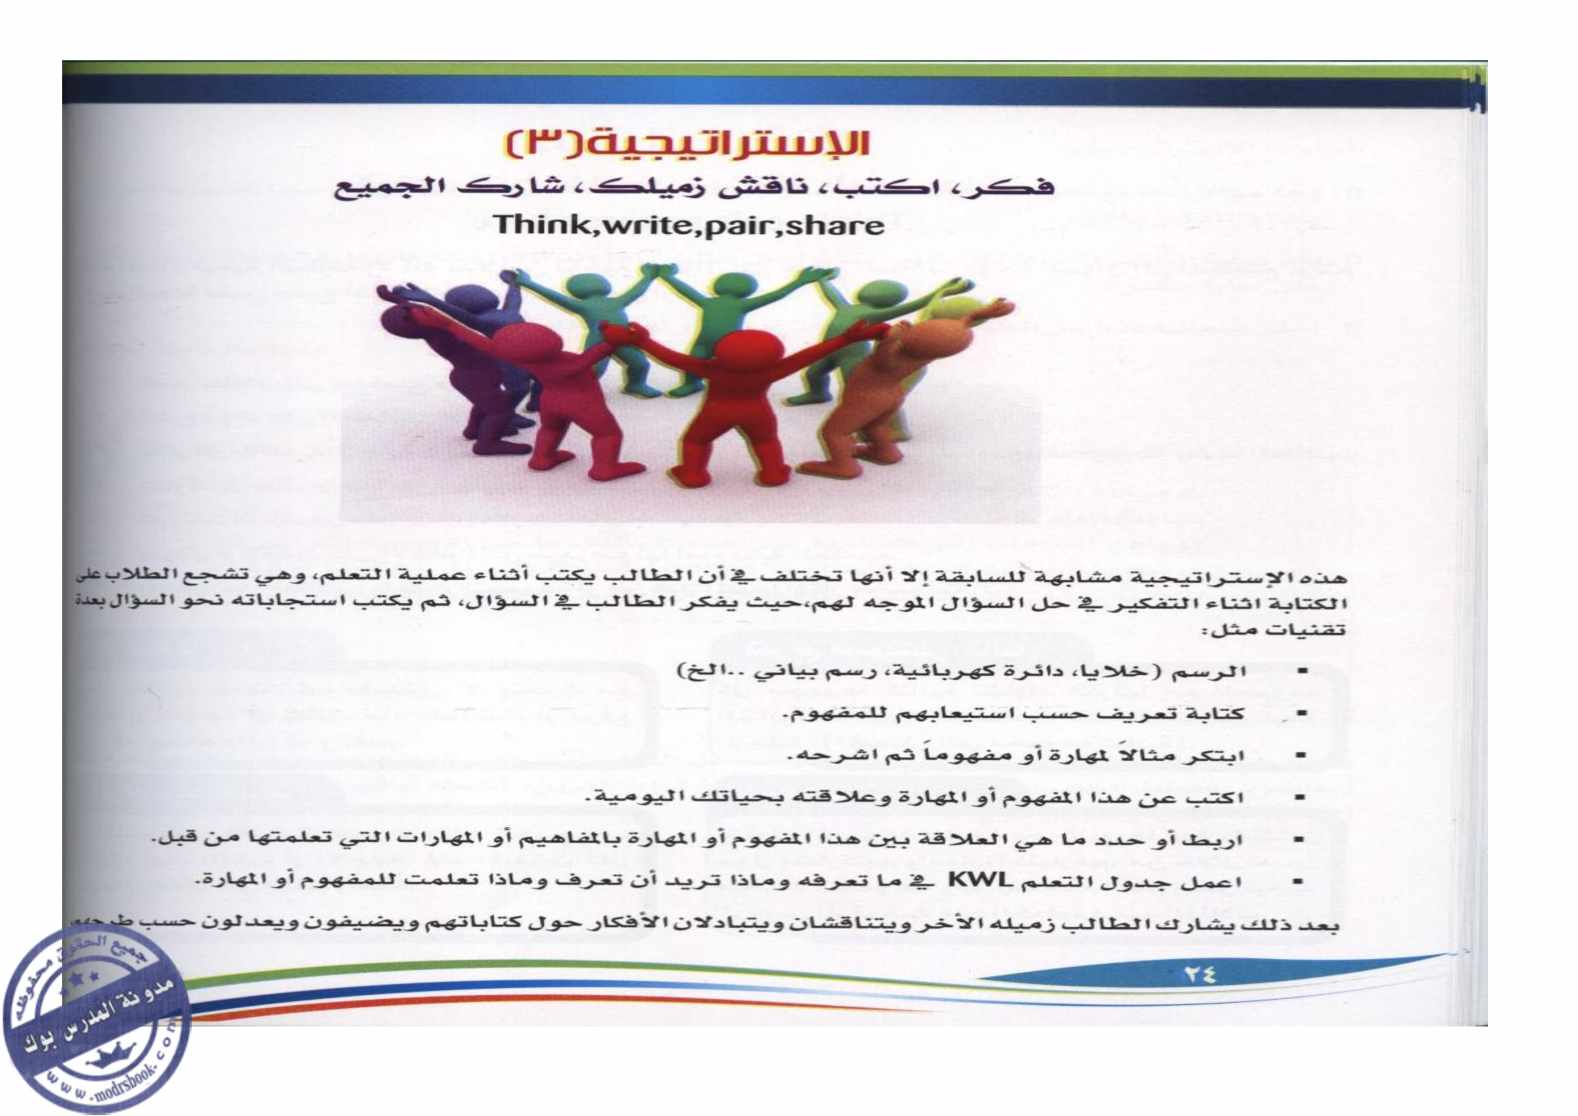 تحميل كتاب التعلم الذاتي pdf